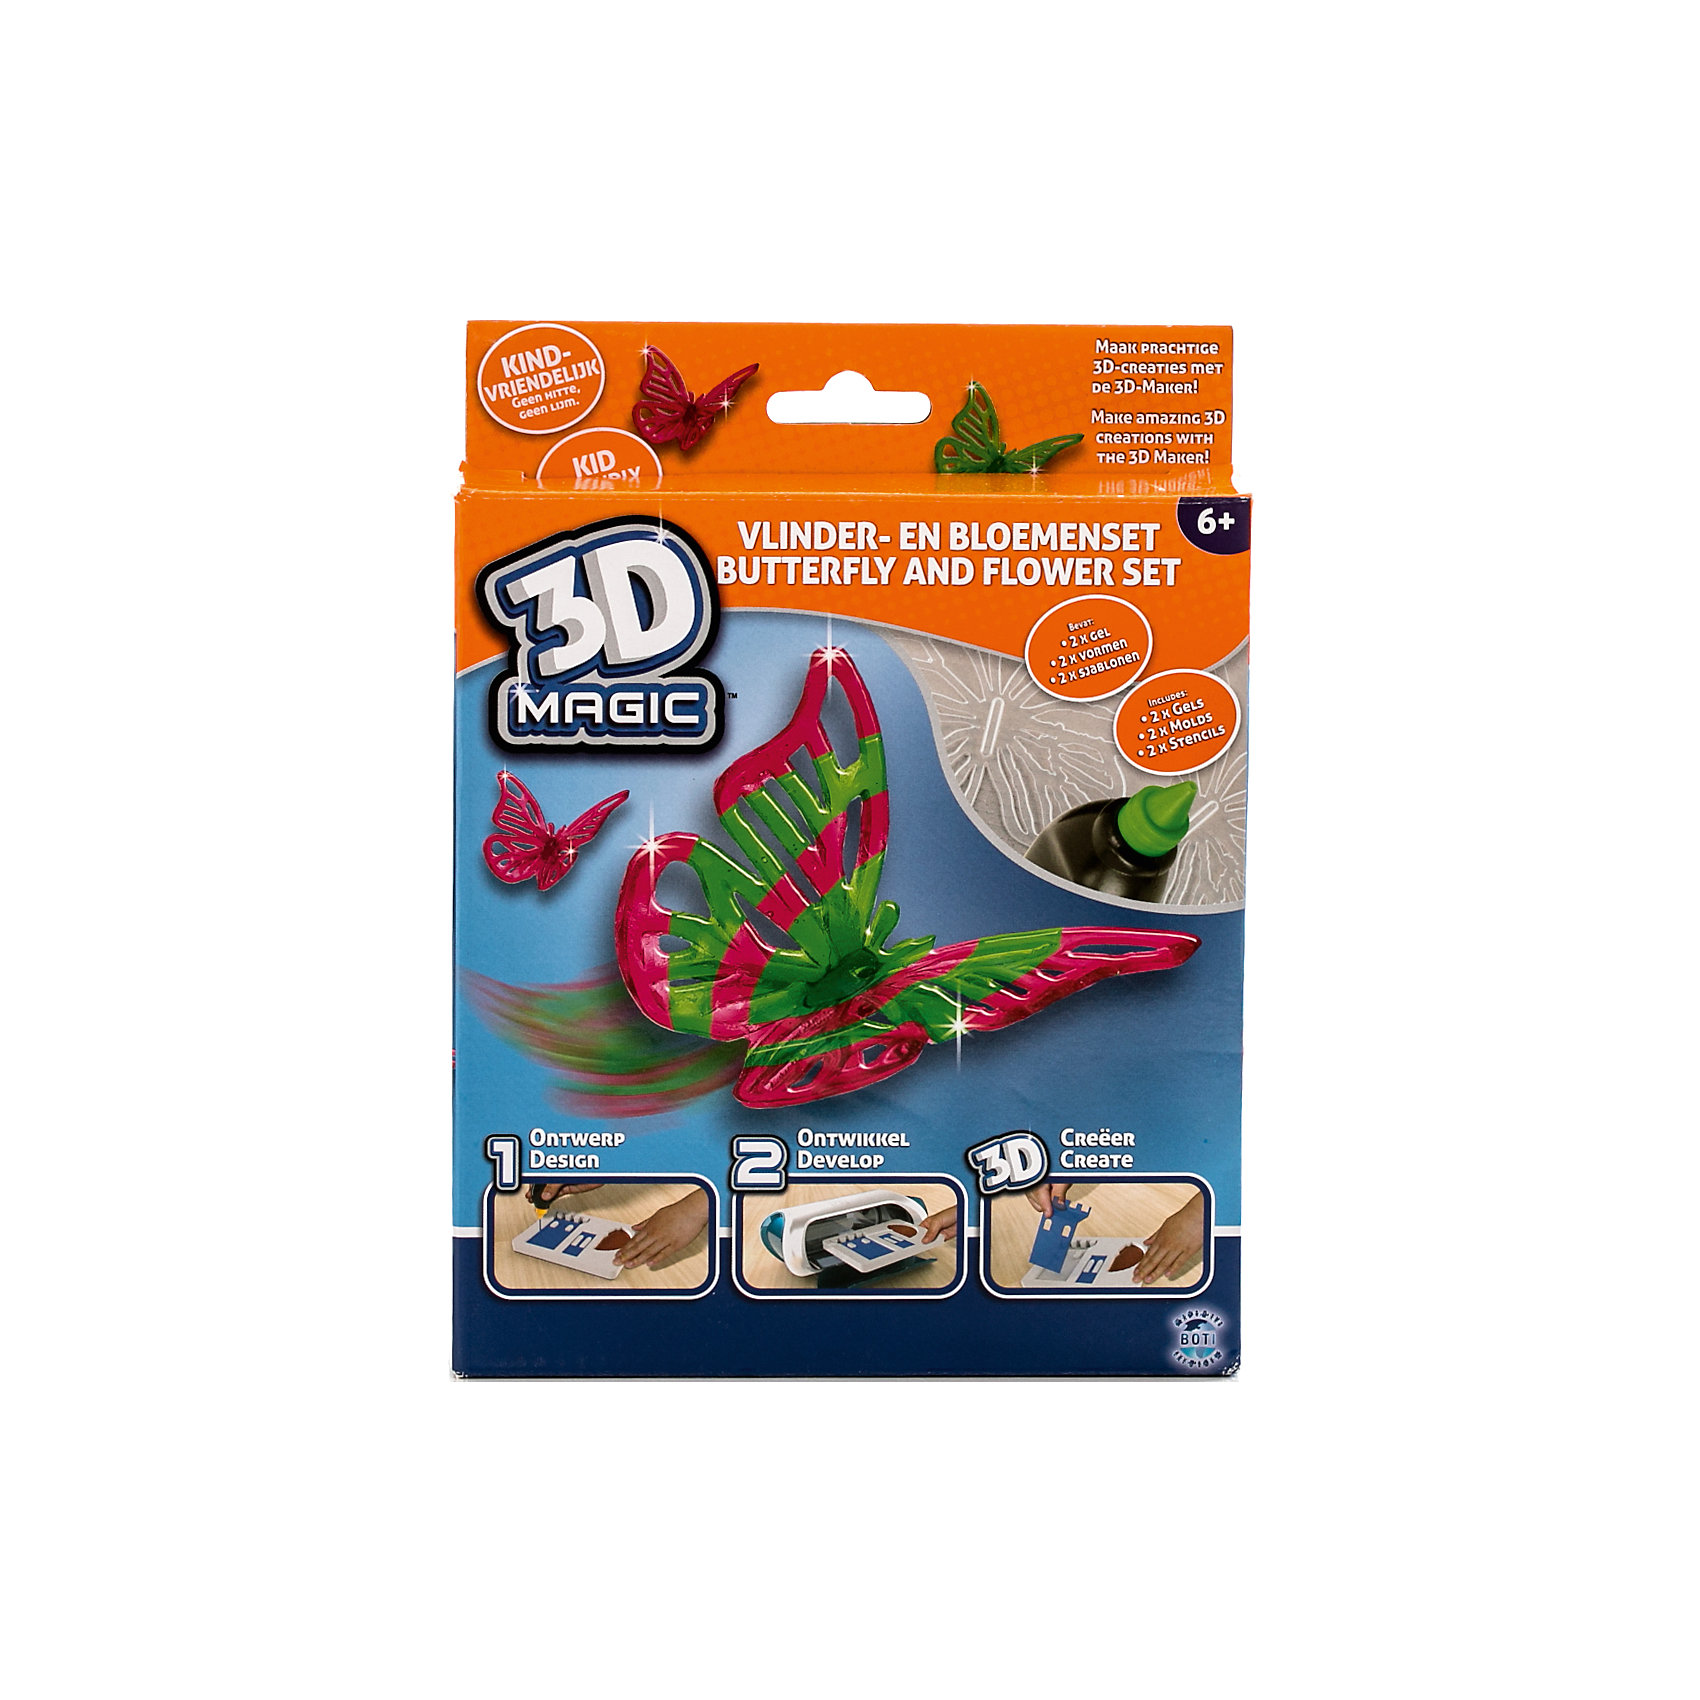 Тематический набор 3D Magic для создания объемных моделей Бабочка и цветок3D-ручки<br>Характеристики товара:<br><br>• цвет: разноцветный<br>• материал: пластик<br>• вес: 200 г<br>• размер упаковки: 16х20х4 см<br>• комплектация: 2 тюбика со специальным 3D гелем, 1 формочка бабочки, 1 трафарет бабочки, 1 формочка цветка, 1 дополнительный пустой трафарет для свободной игры, инструкция (ультрафиолетовая лампа не входит в комплект)<br>• упаковка: коробка<br>• на русском языке<br><br>3D-моделирование - это современный и очень увлекательный вид творчества! С помощью него можно создать множество различных фигурок. Этот набор - качественный и удобный, который поможет ребенку выразить свои творческие способности. Объемная фигурка получается из безопасного материала, очень красиво смотрится. В наборе есть специальные трафареты.<br>Изделие произведено из качественных и безопасных для ребенка материалов. Работа с таким набором помогает развить мышление ребенка, аккуратность, внимательность, мелкую моторику и воображение. Полезный подарок для тех, у кого уже есть специальная 3Д-лампа!<br><br>Тематический набор 3D Magic для создания объемных моделей Бабочка и цветок можно купить в нашем интернет-магазине.<br><br>Ширина мм: 160<br>Глубина мм: 200<br>Высота мм: 40<br>Вес г: 204<br>Возраст от месяцев: 72<br>Возраст до месяцев: 120<br>Пол: Женский<br>Возраст: Детский<br>SKU: 5230672